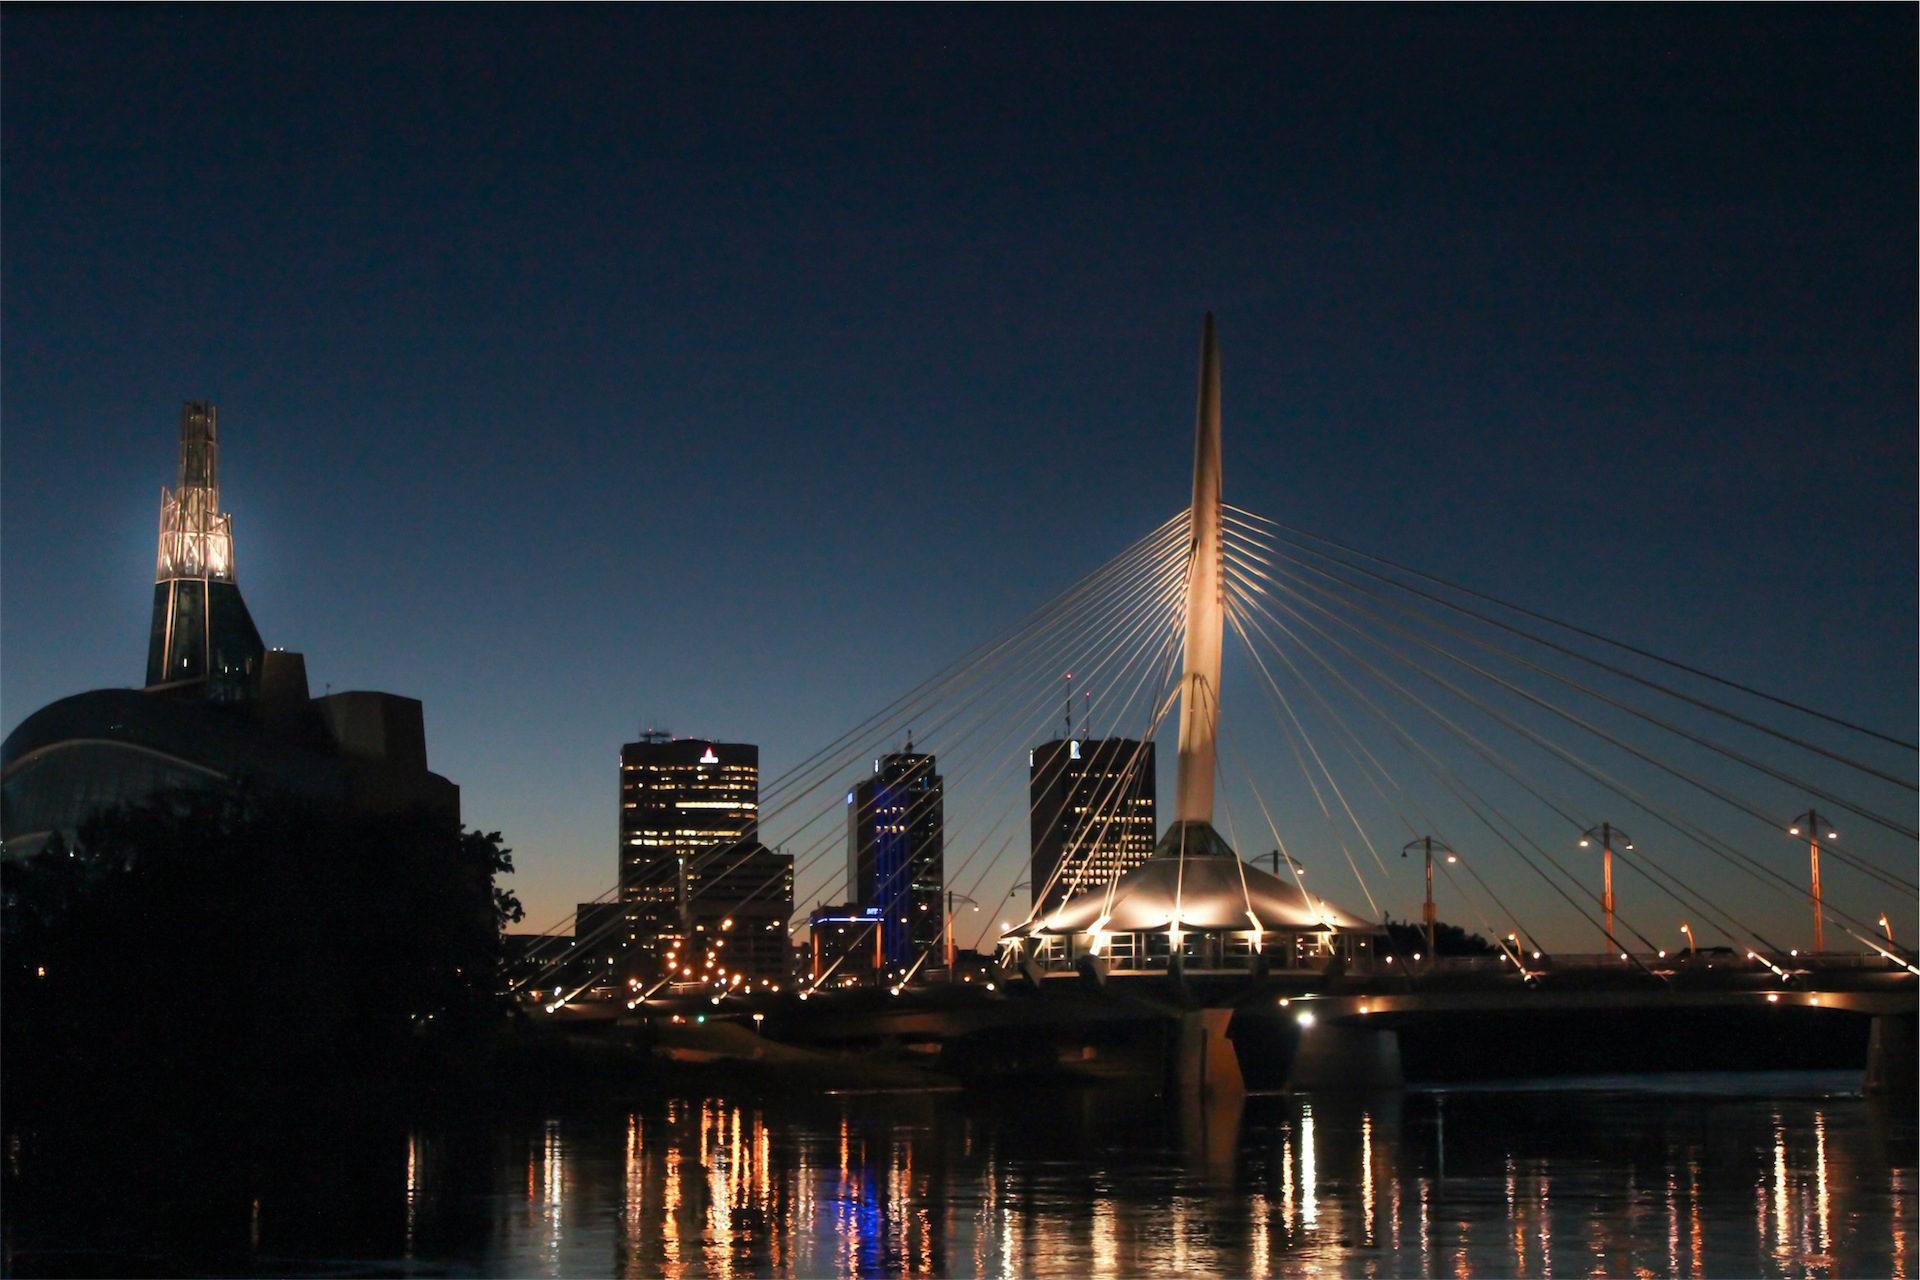 ブリッジ, anclajes, 市, 夜, ライト - HD の壁紙 - 教授-falken.com